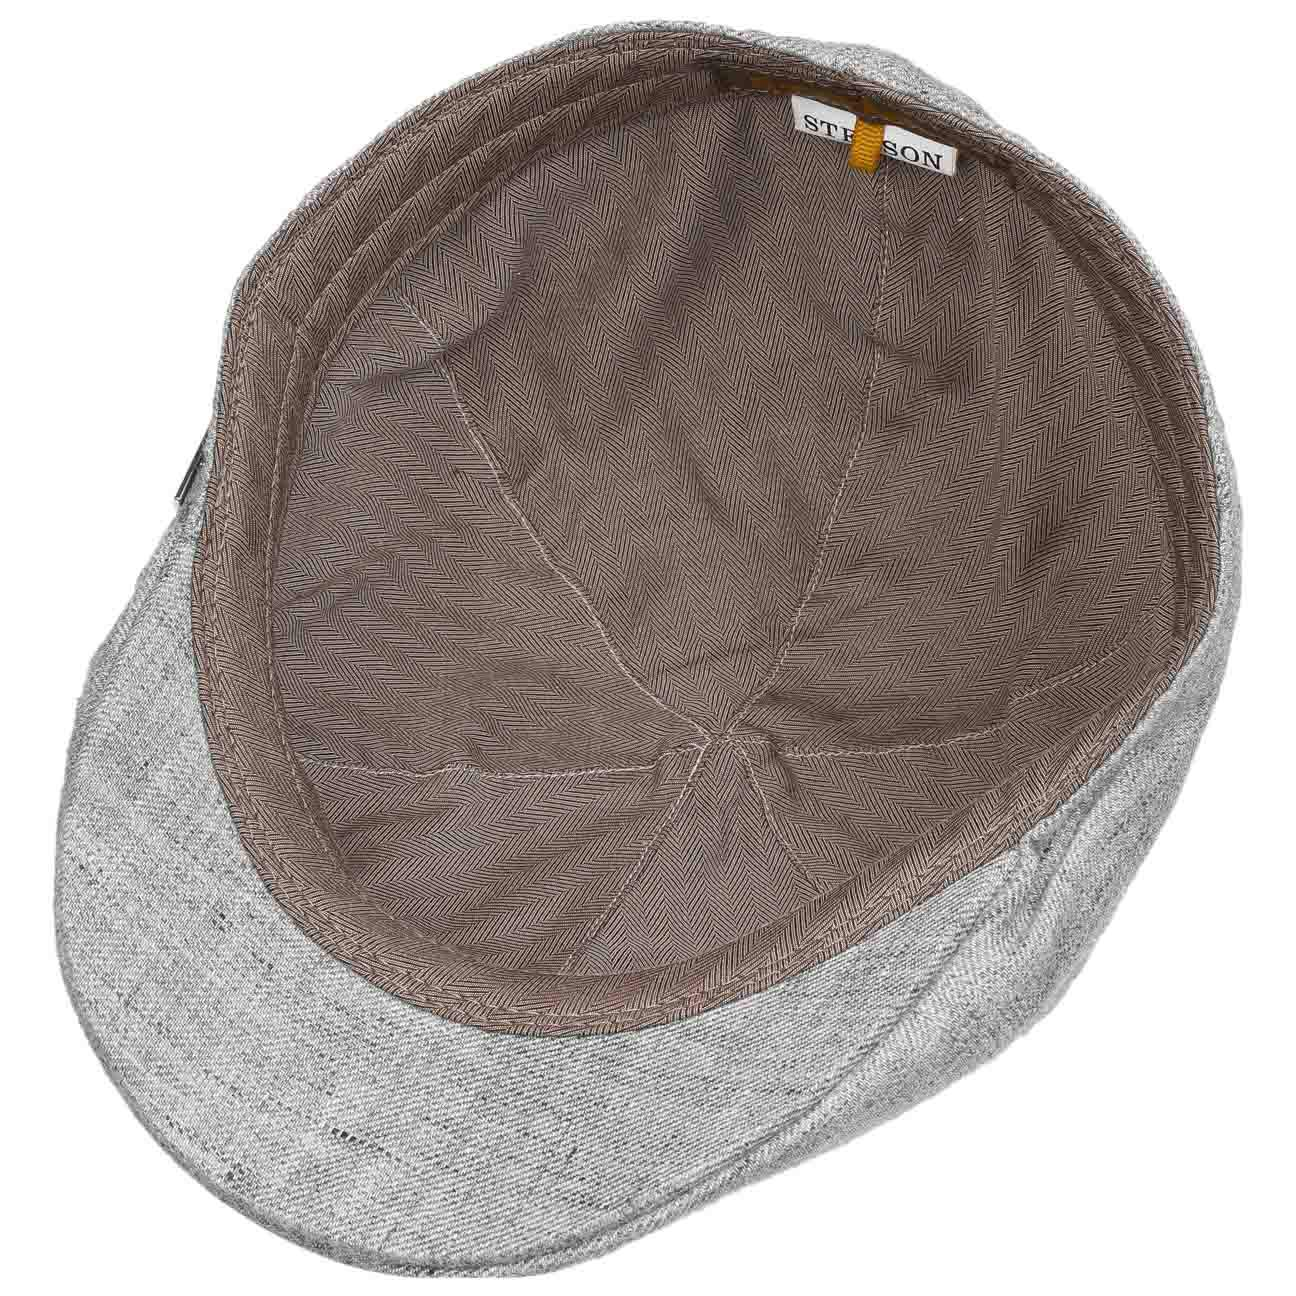 Stetson Texas Classic Linen Flat Cap Men